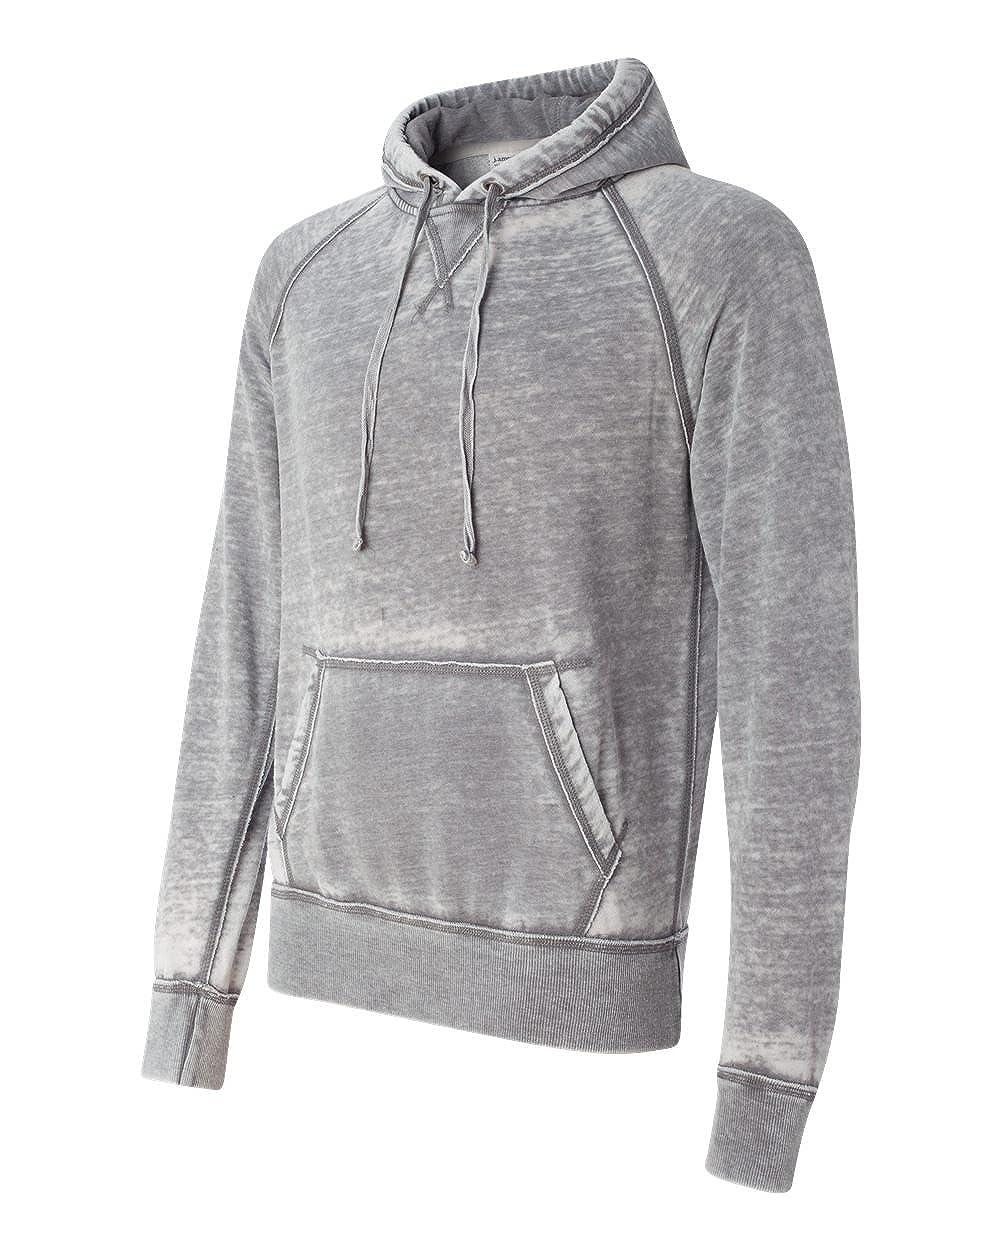 J America Vintage Zen Fleece Pullover Hood JA8915